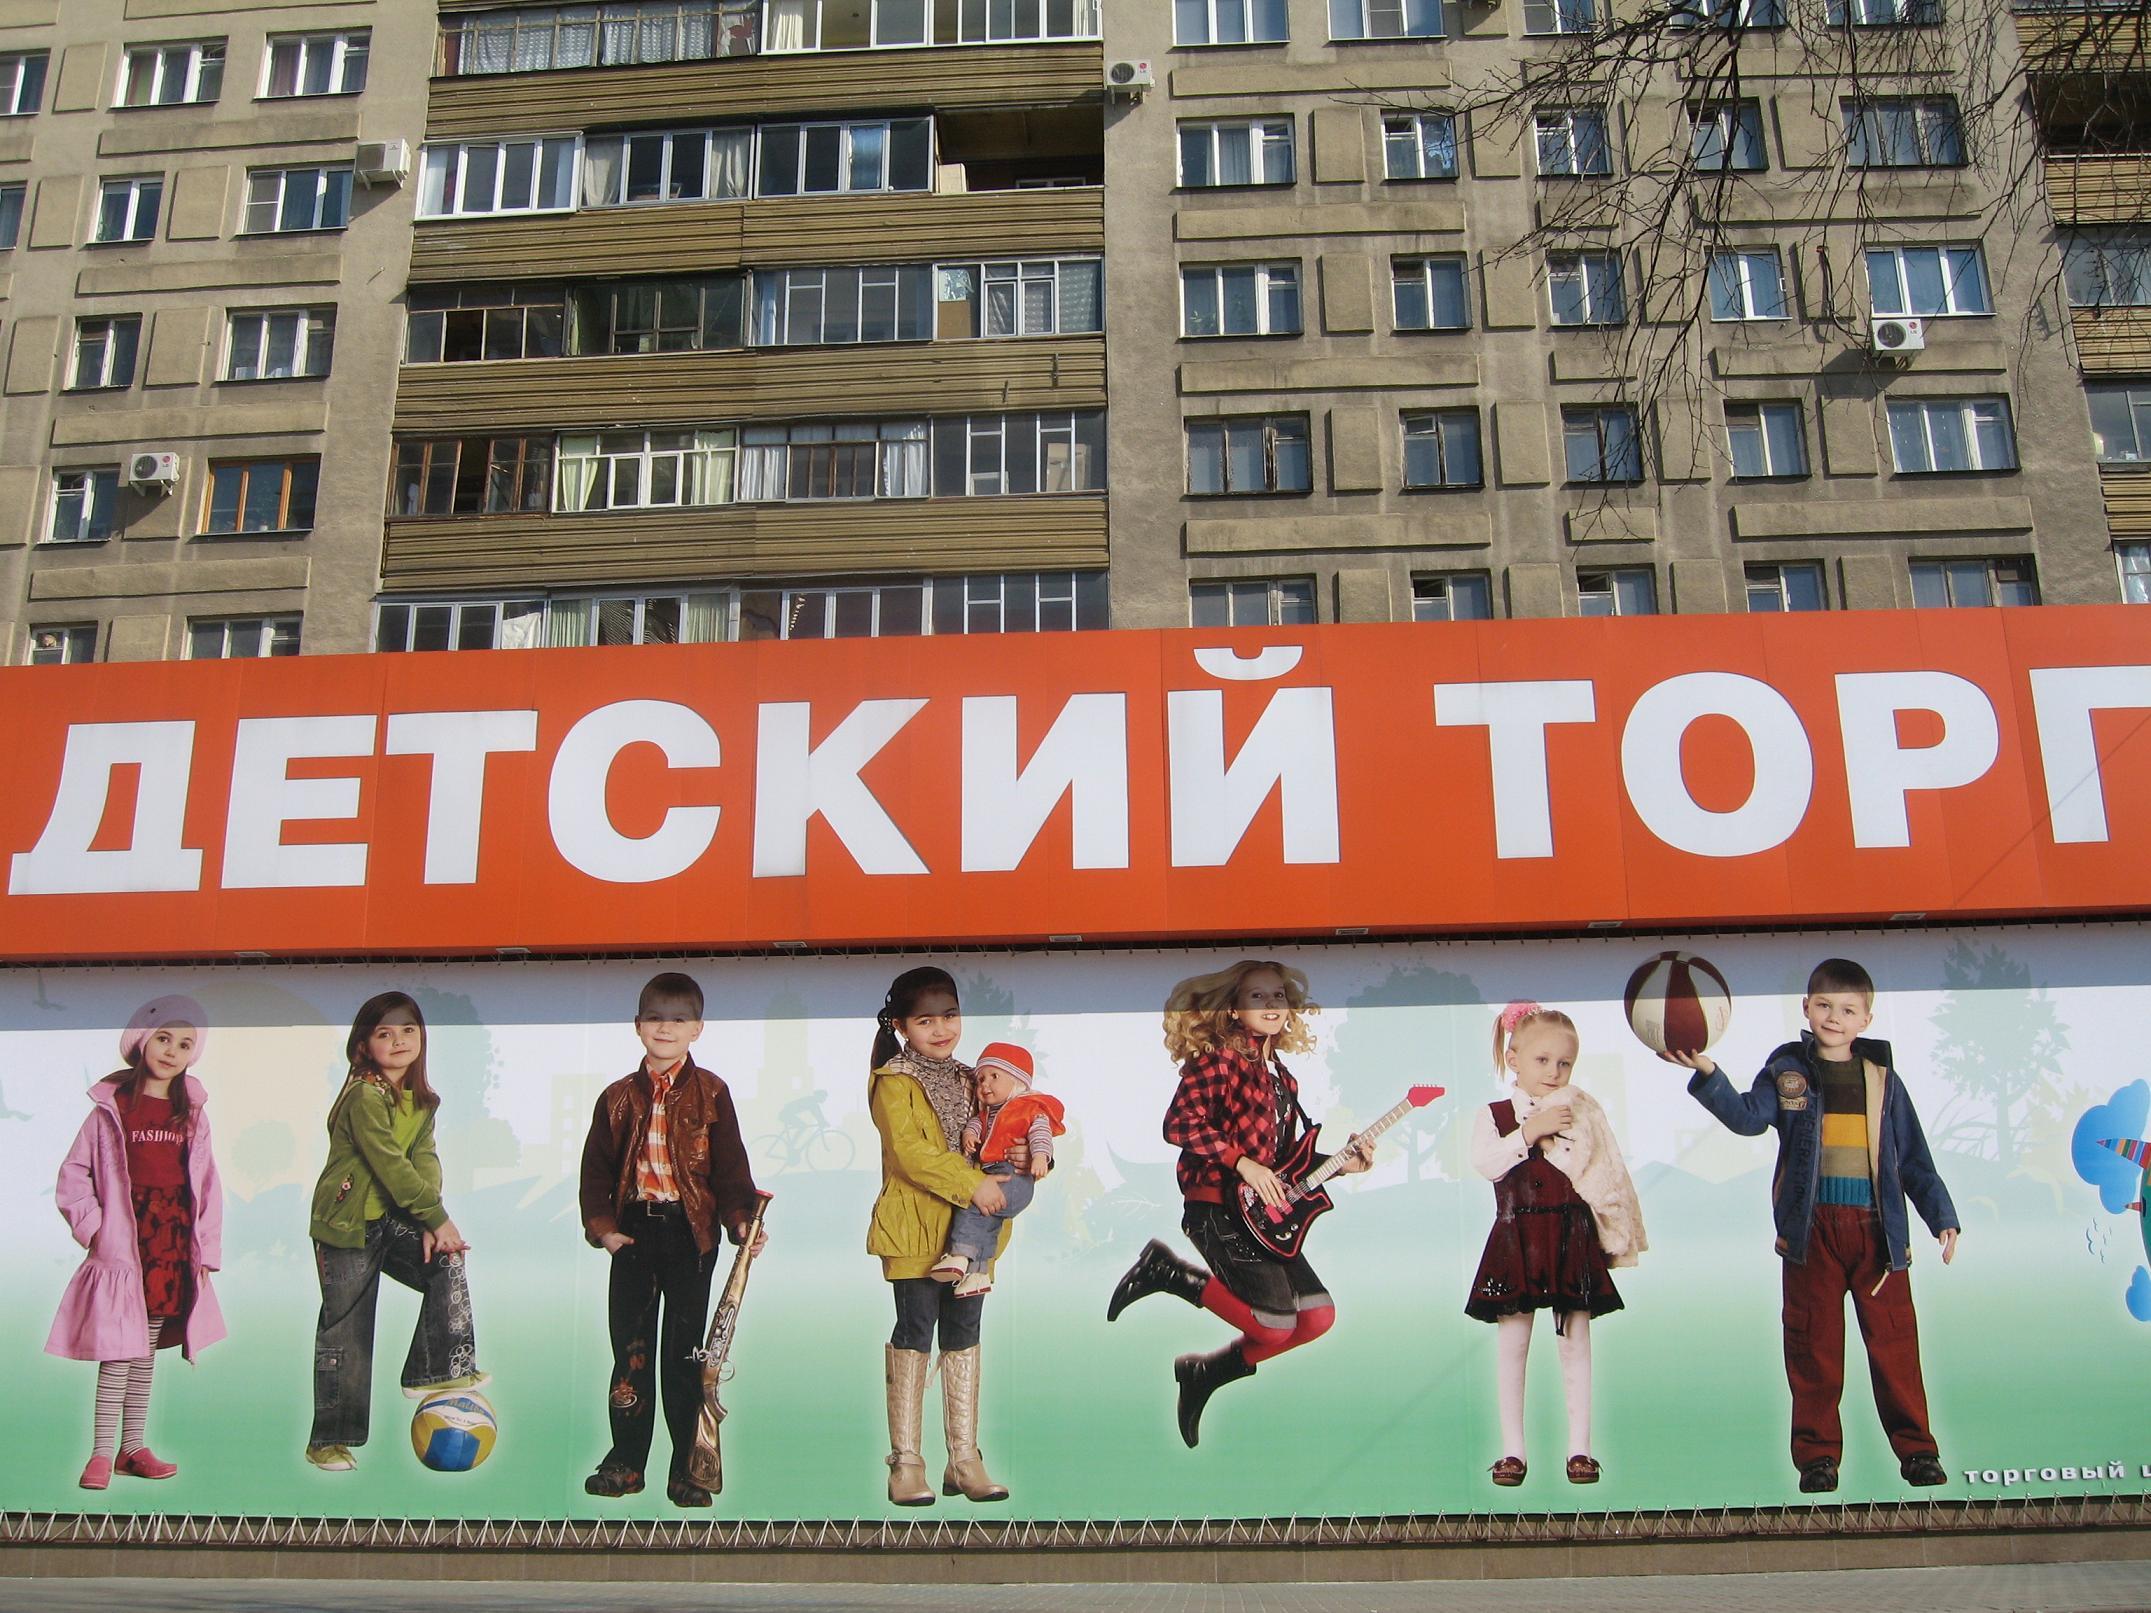 Ксения- фотомодель. Дети: художественное фото